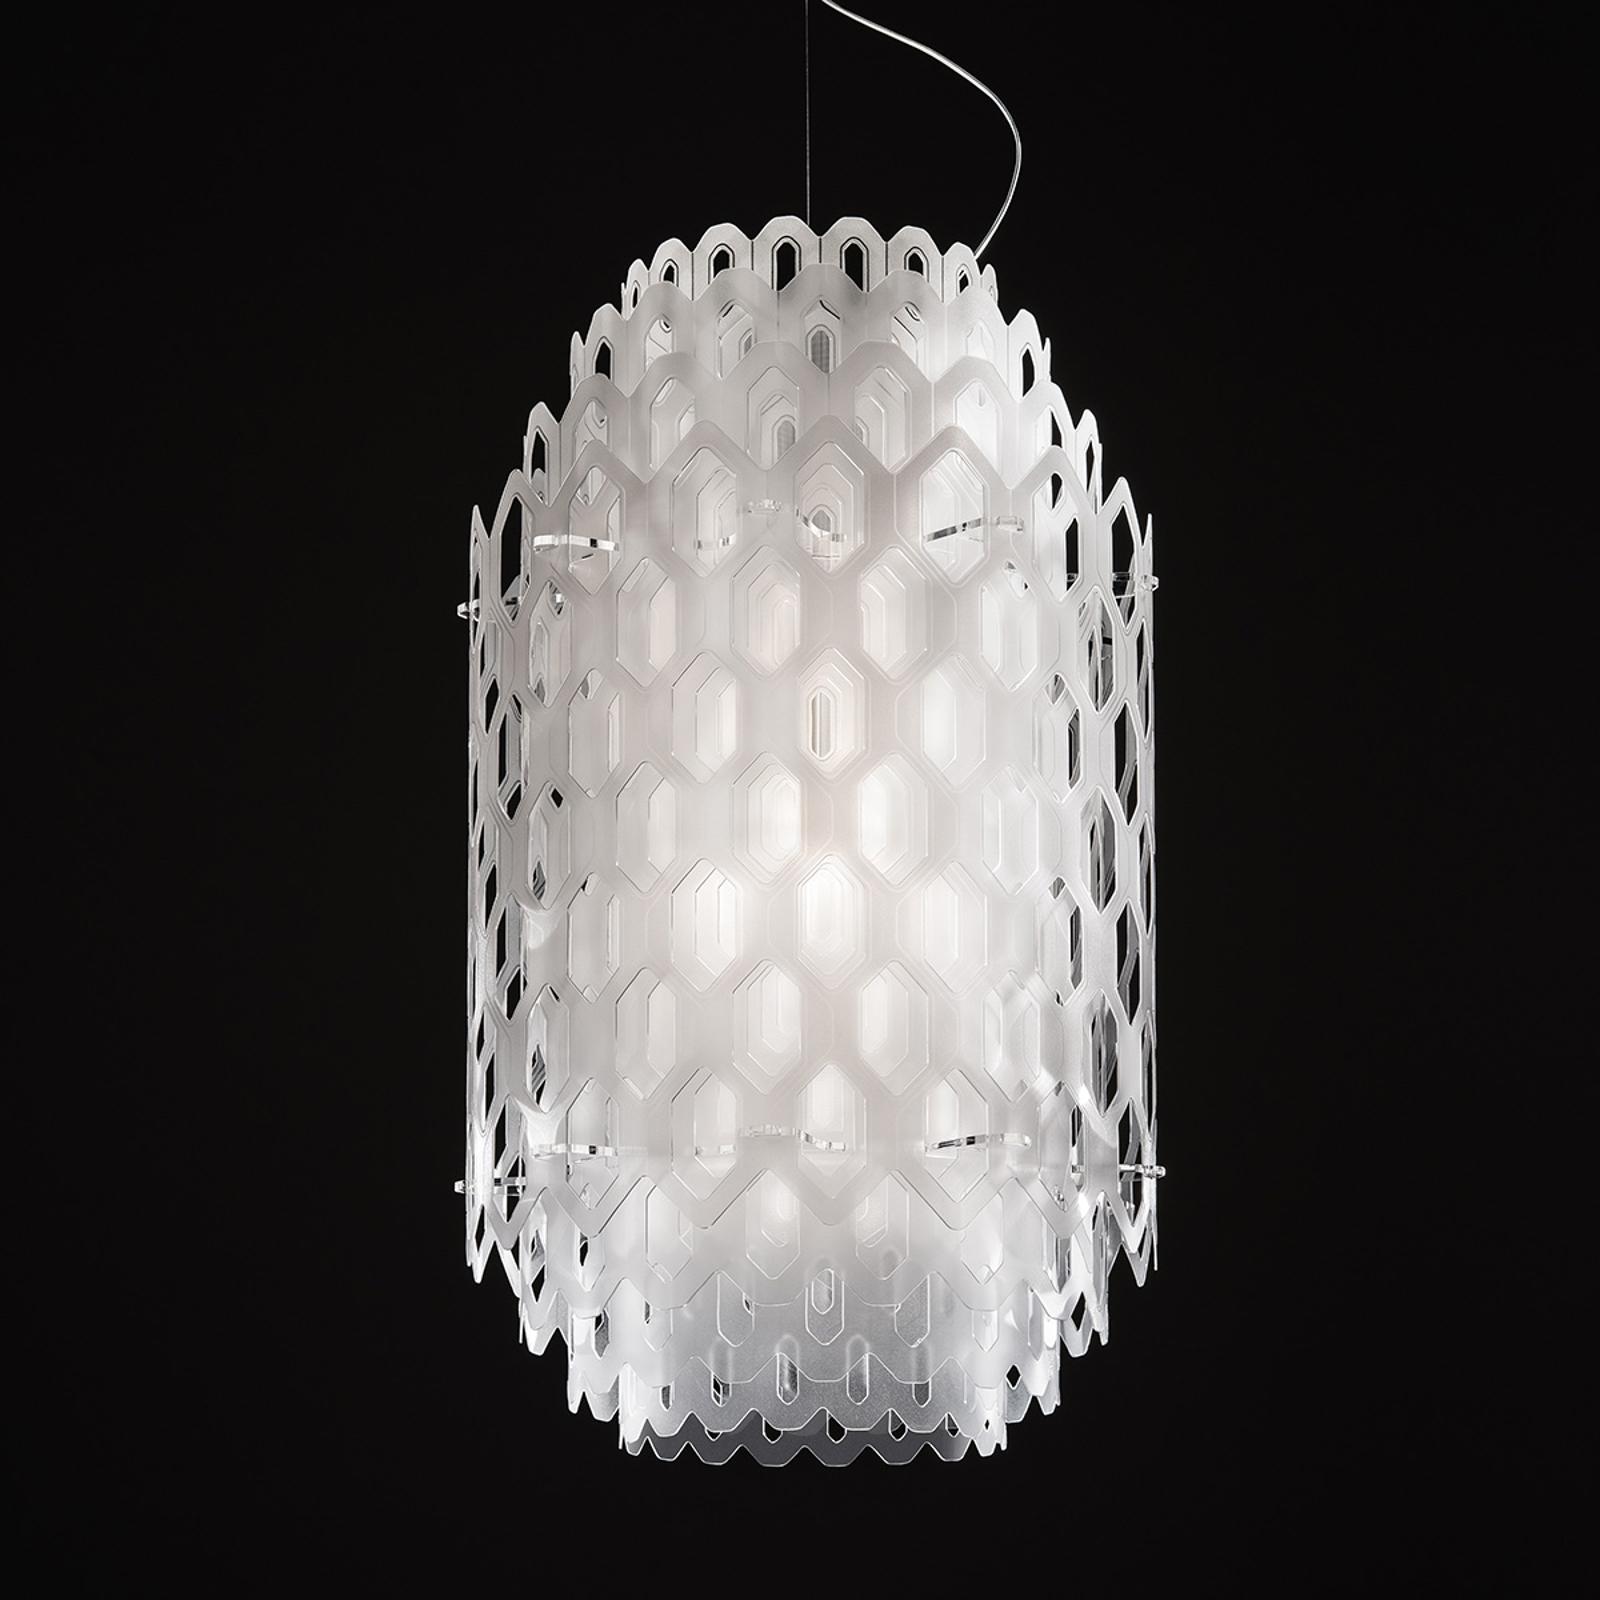 Biała, wielowarstwowa designerska lampa wisząca